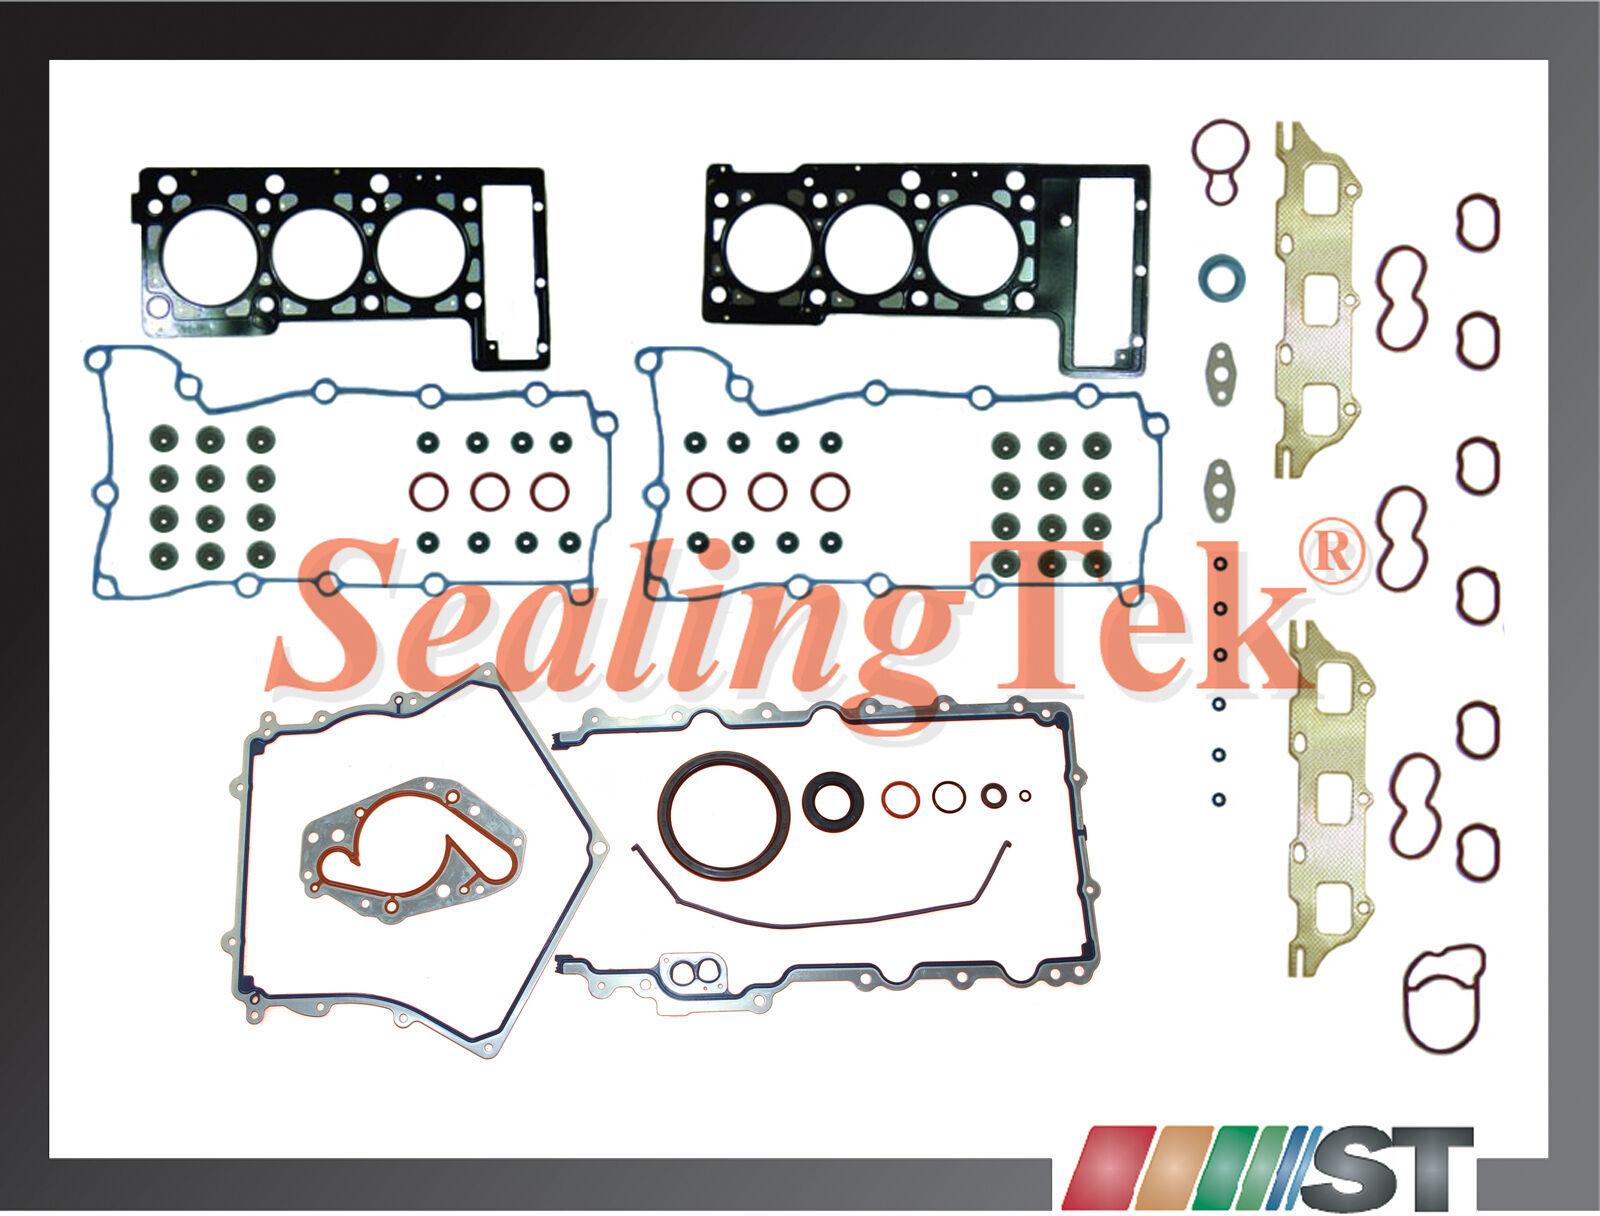 Fit 2001-10 Chrysler 2.7 V6 DOHC MLS Cylinder Head Gasket Set 167cid EER engine